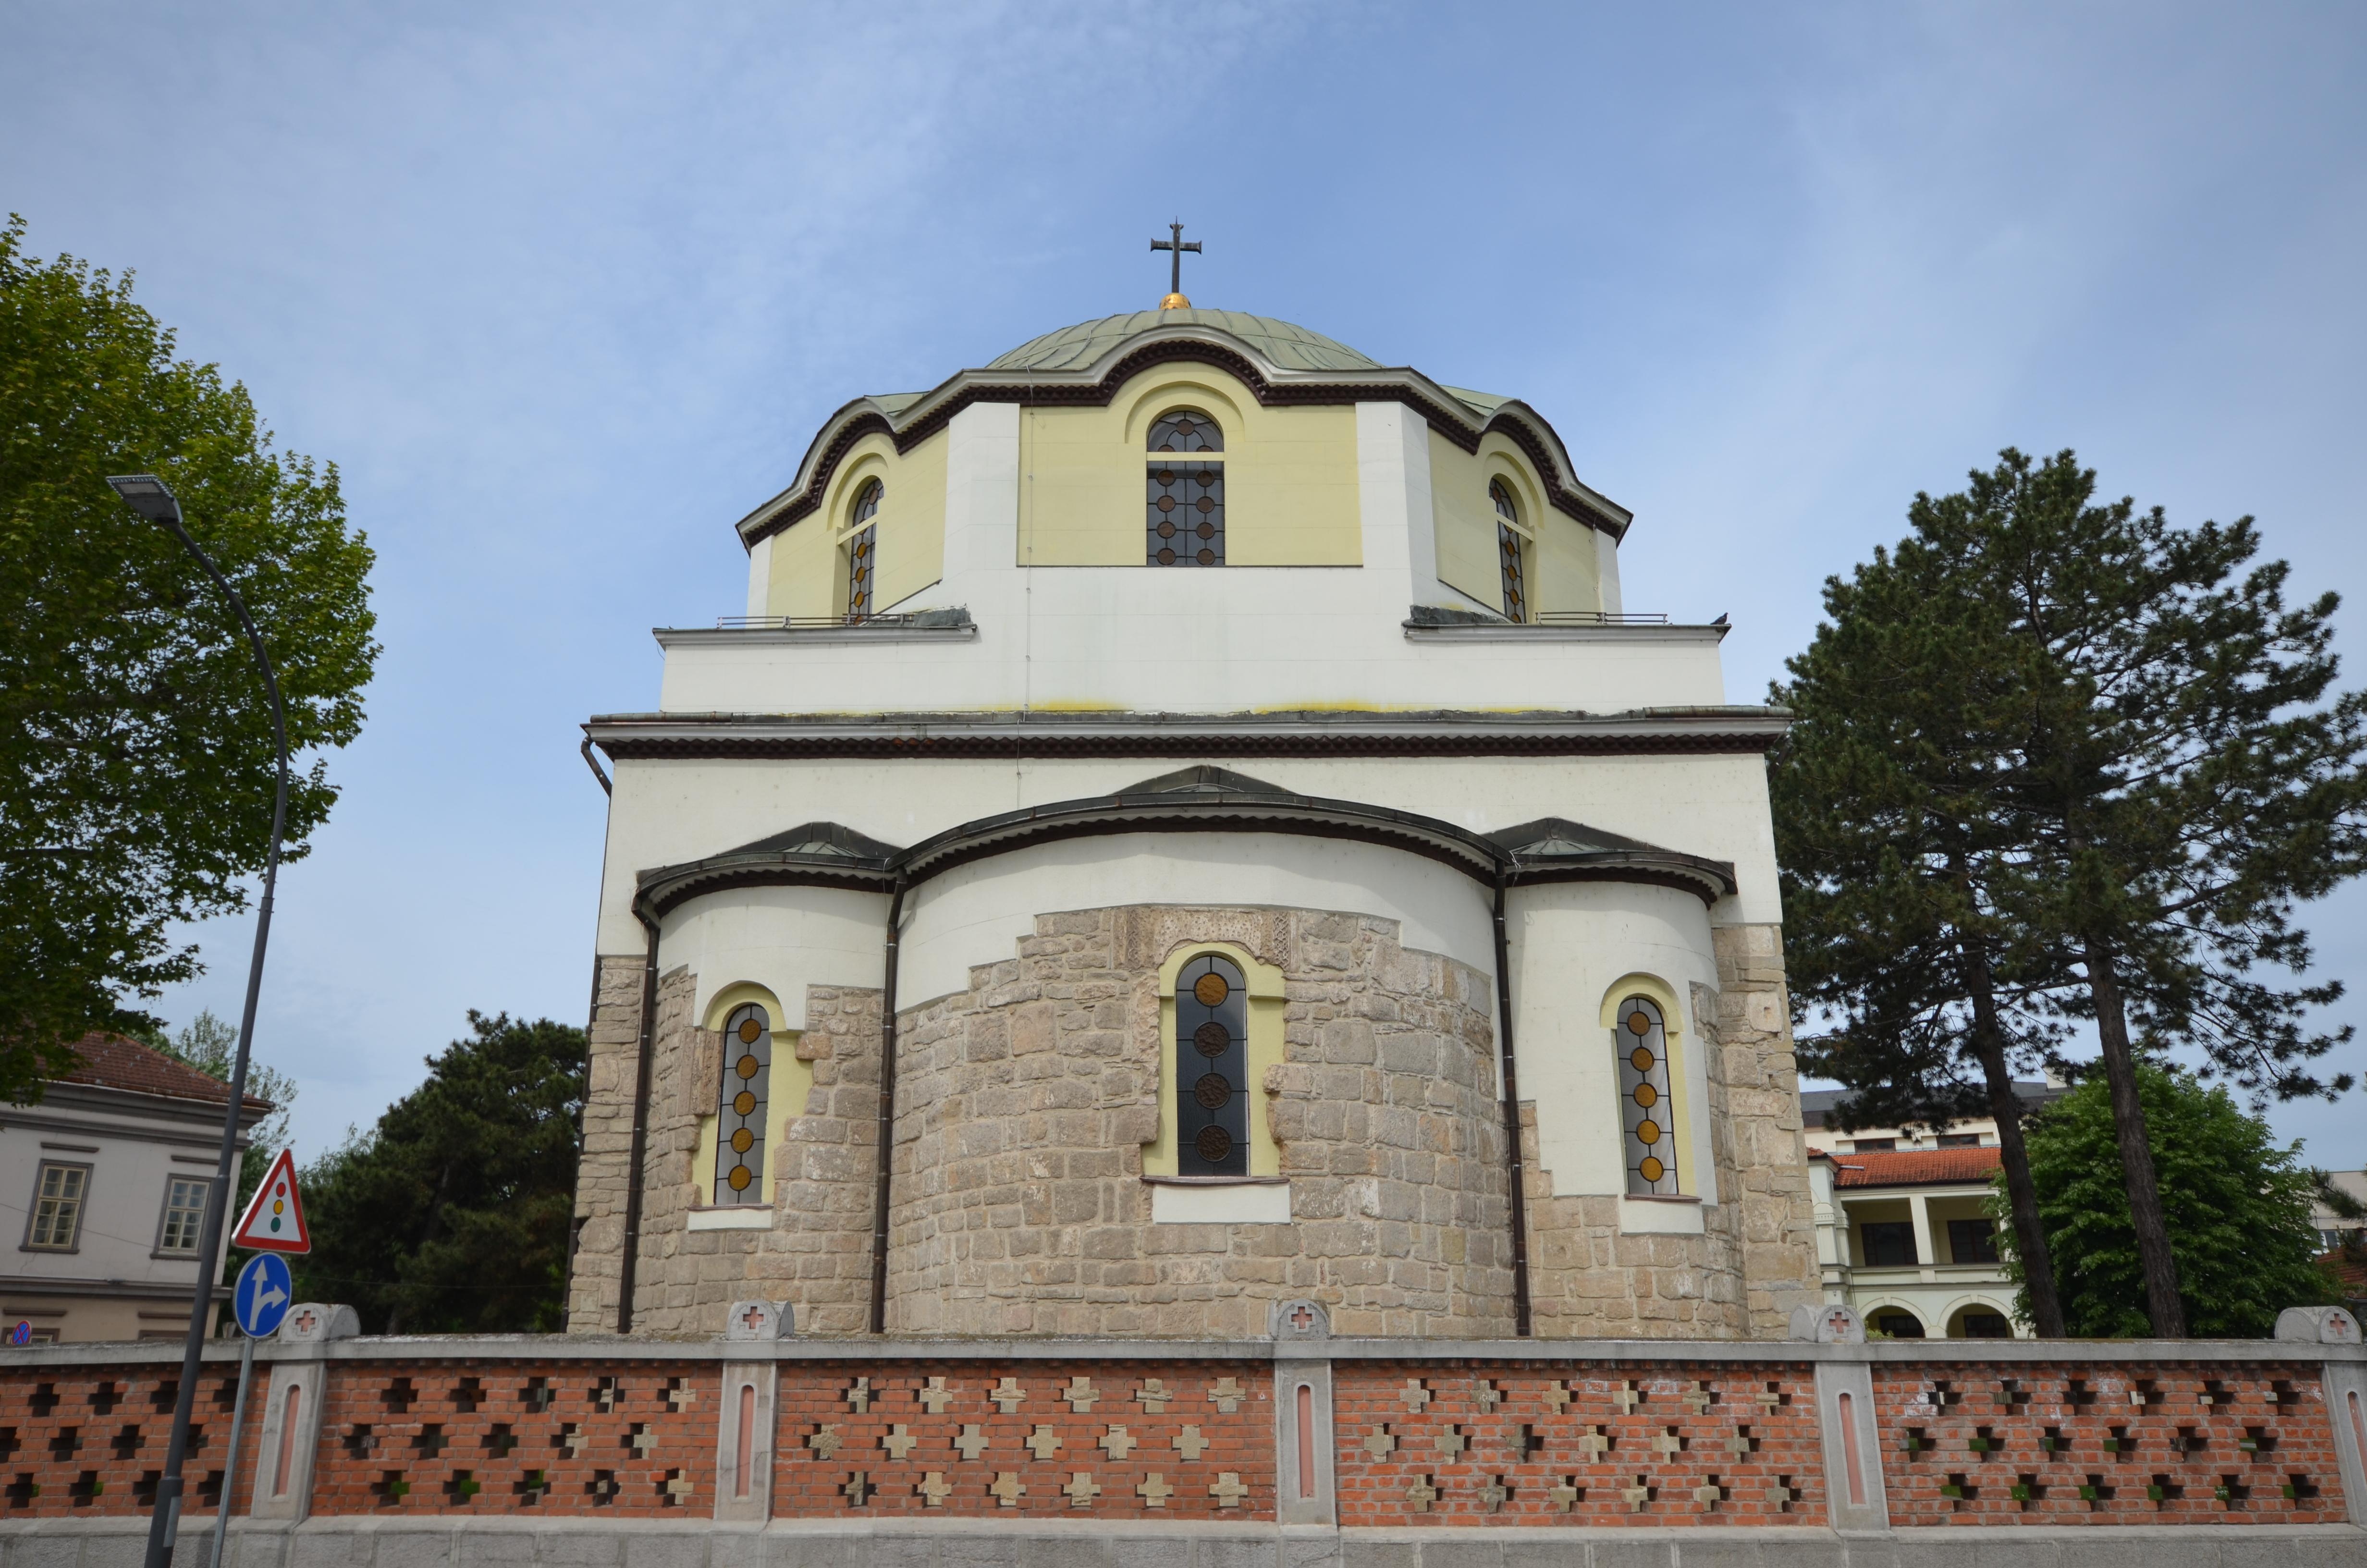 Serbien: Tur Ali Bey Moschee inzwischen zur Kirche umgewandelt